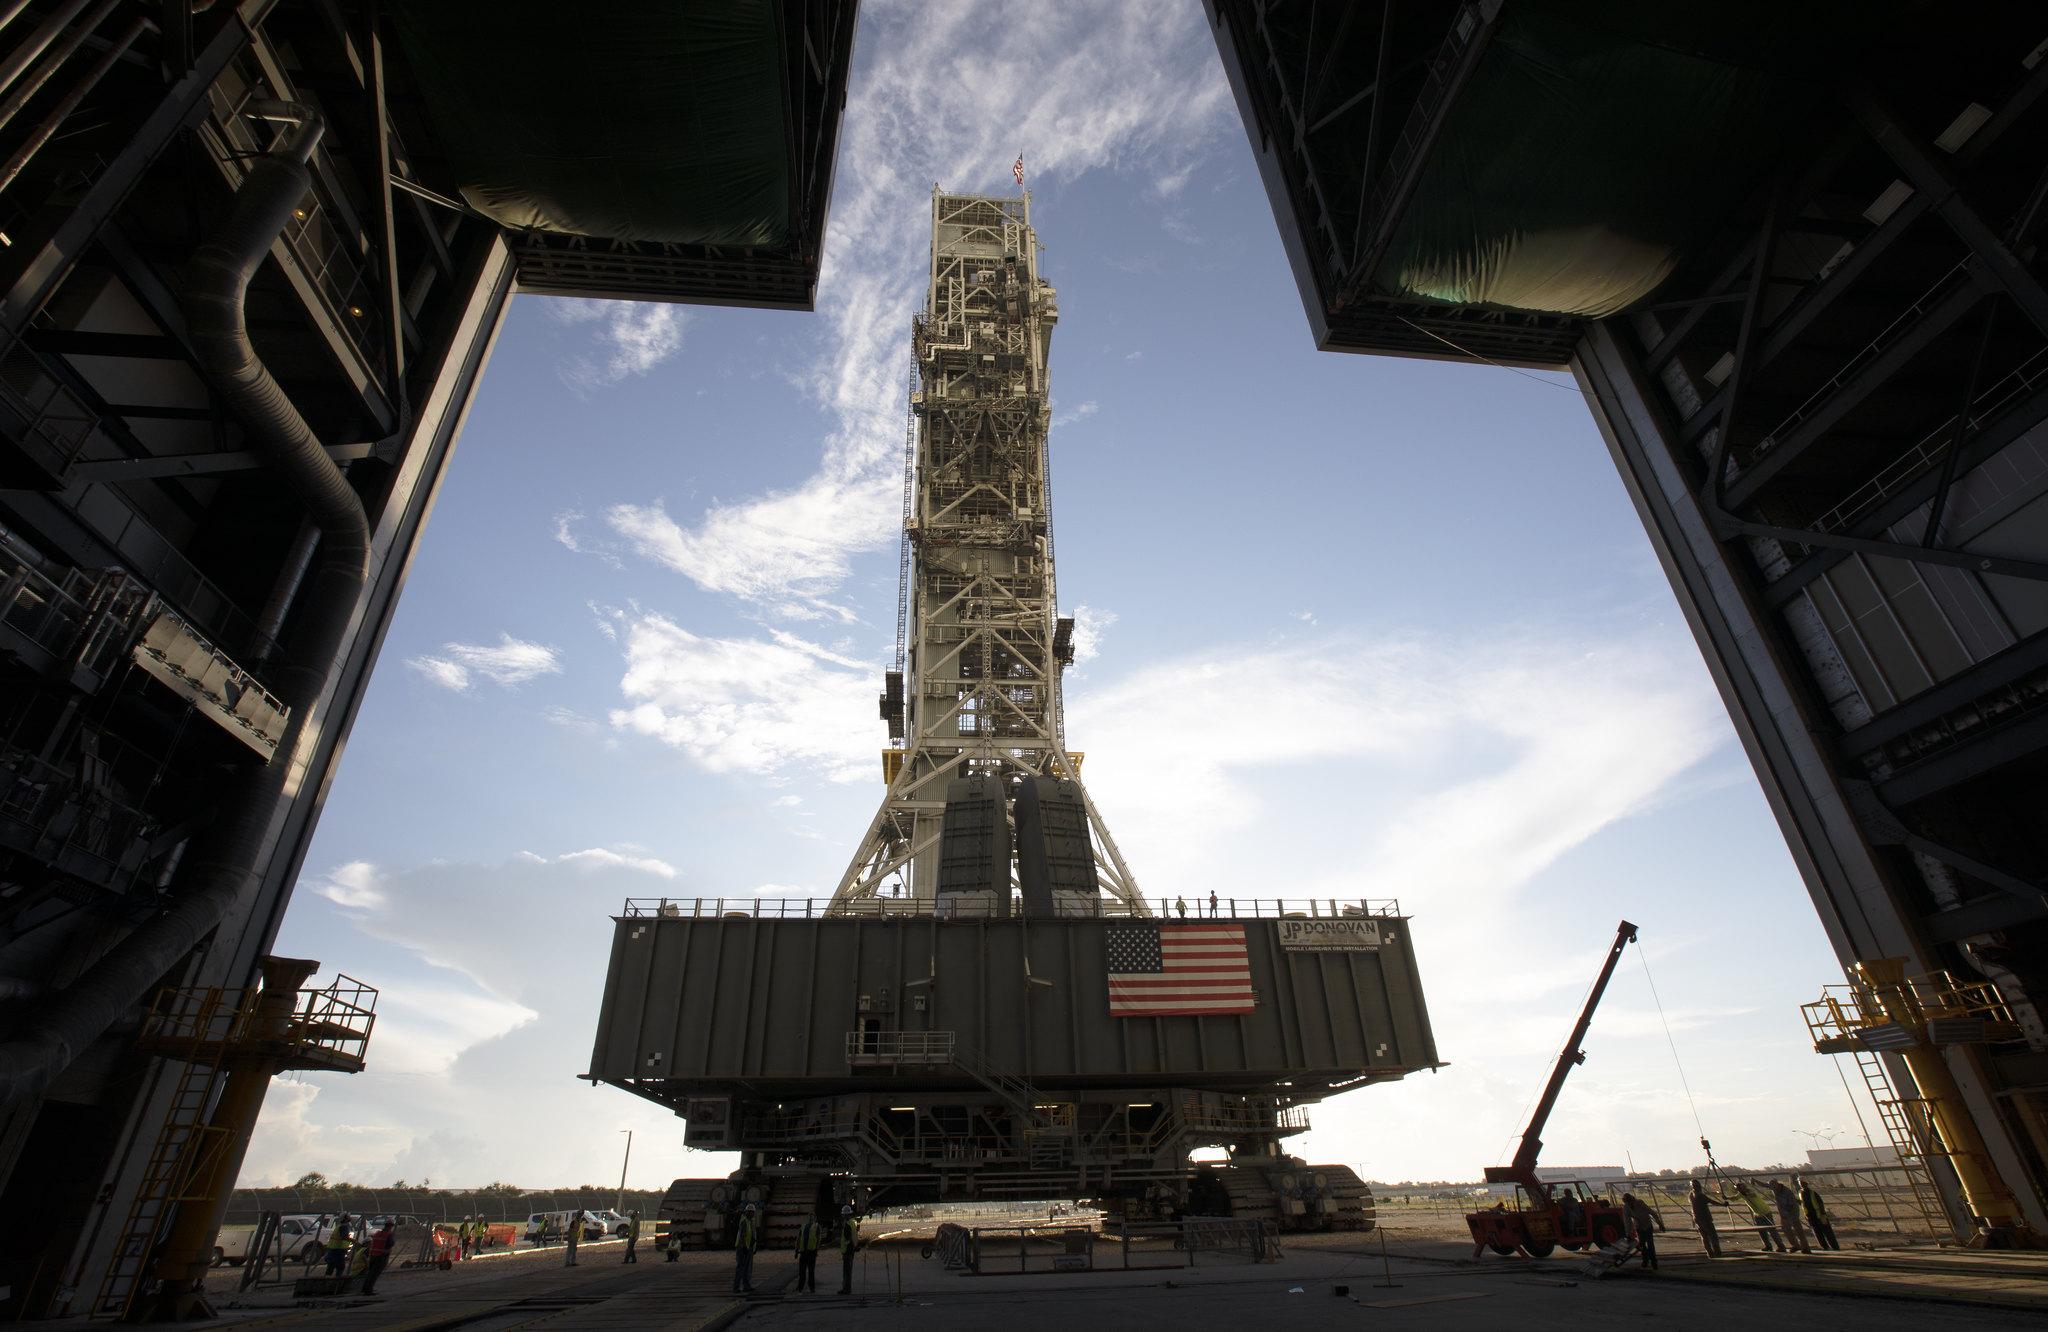 space shuttle challenger quizlet - photo #14